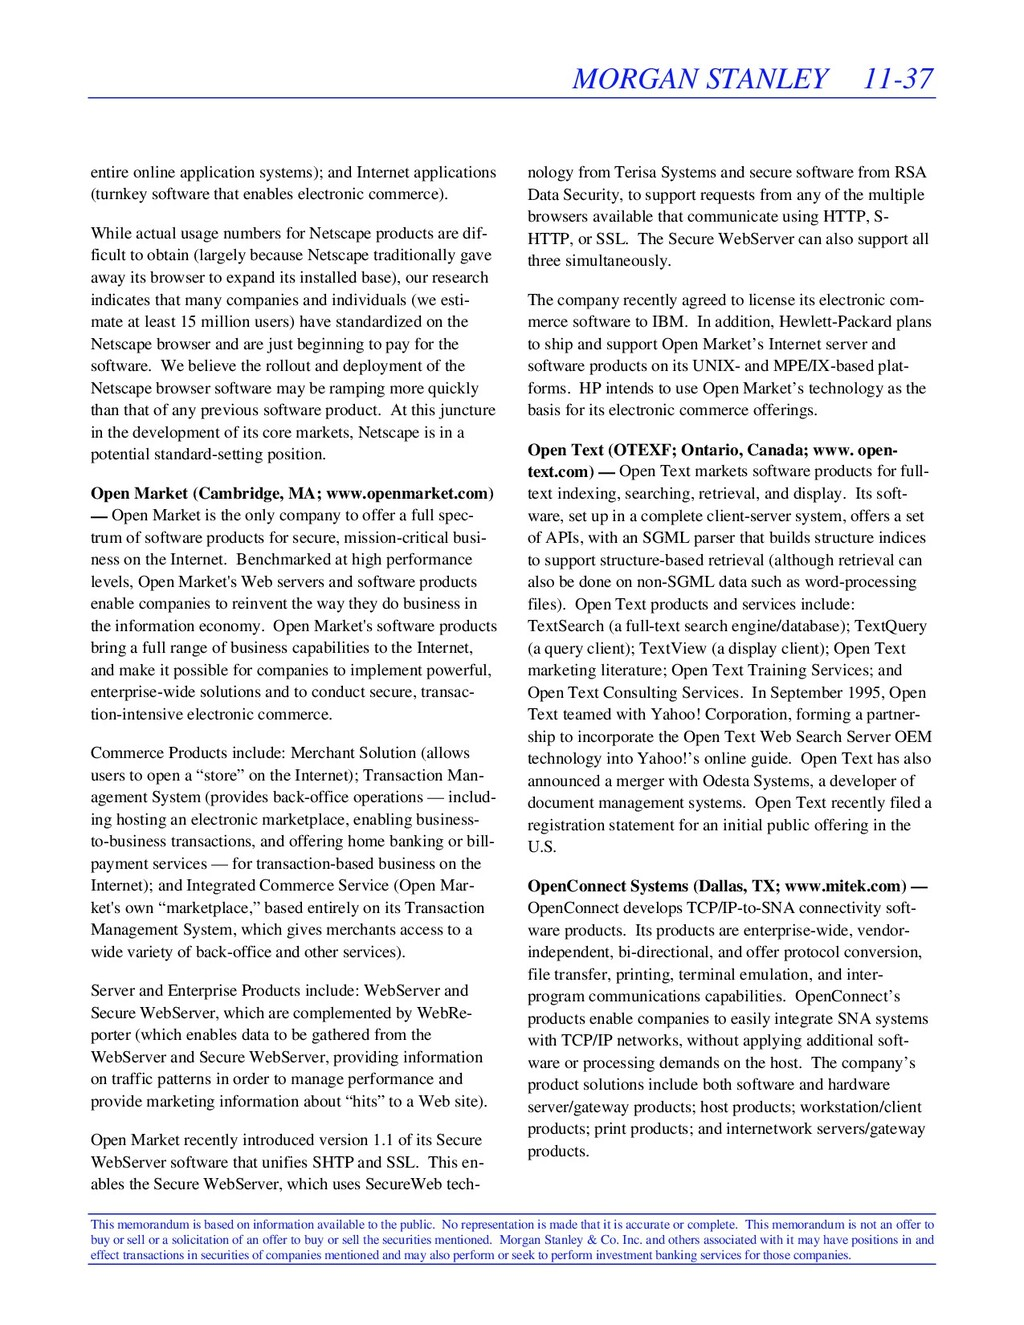 MORGAN STANLEY 11-37 This memorandum is based o...